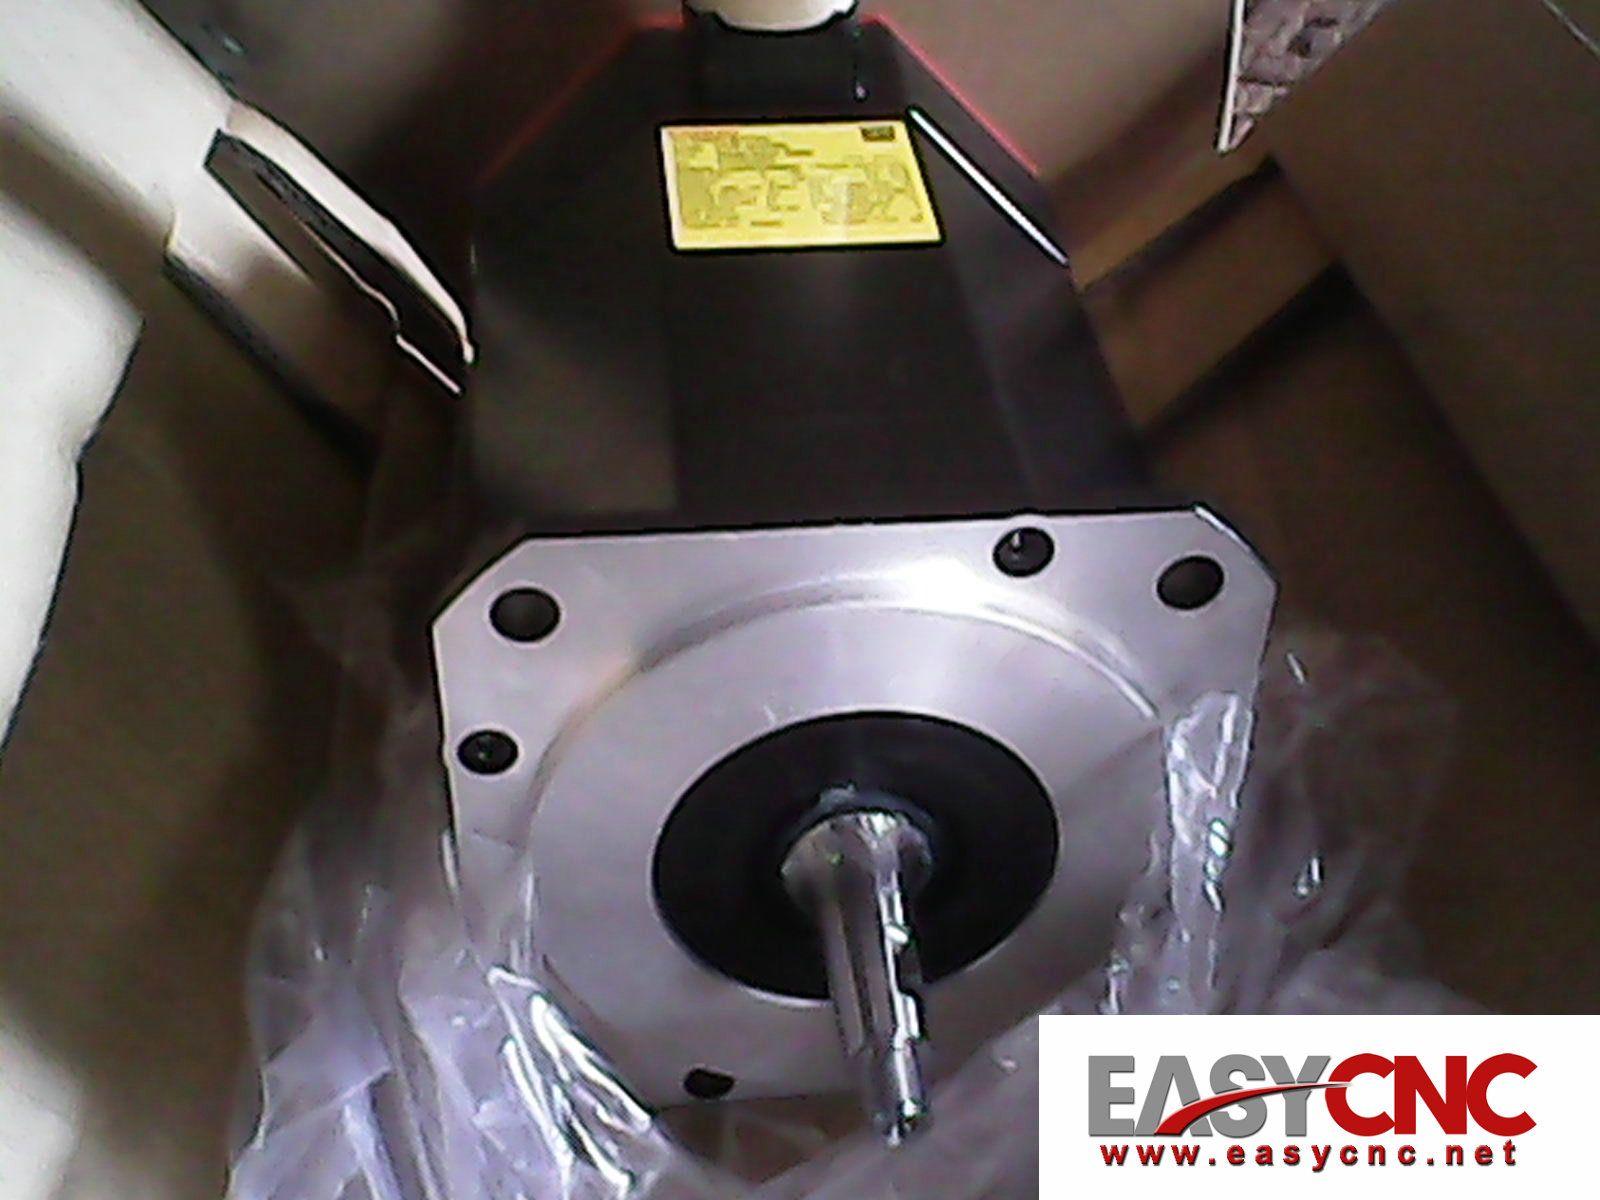 A06B-0082-B403 Motor www.easycnc.net